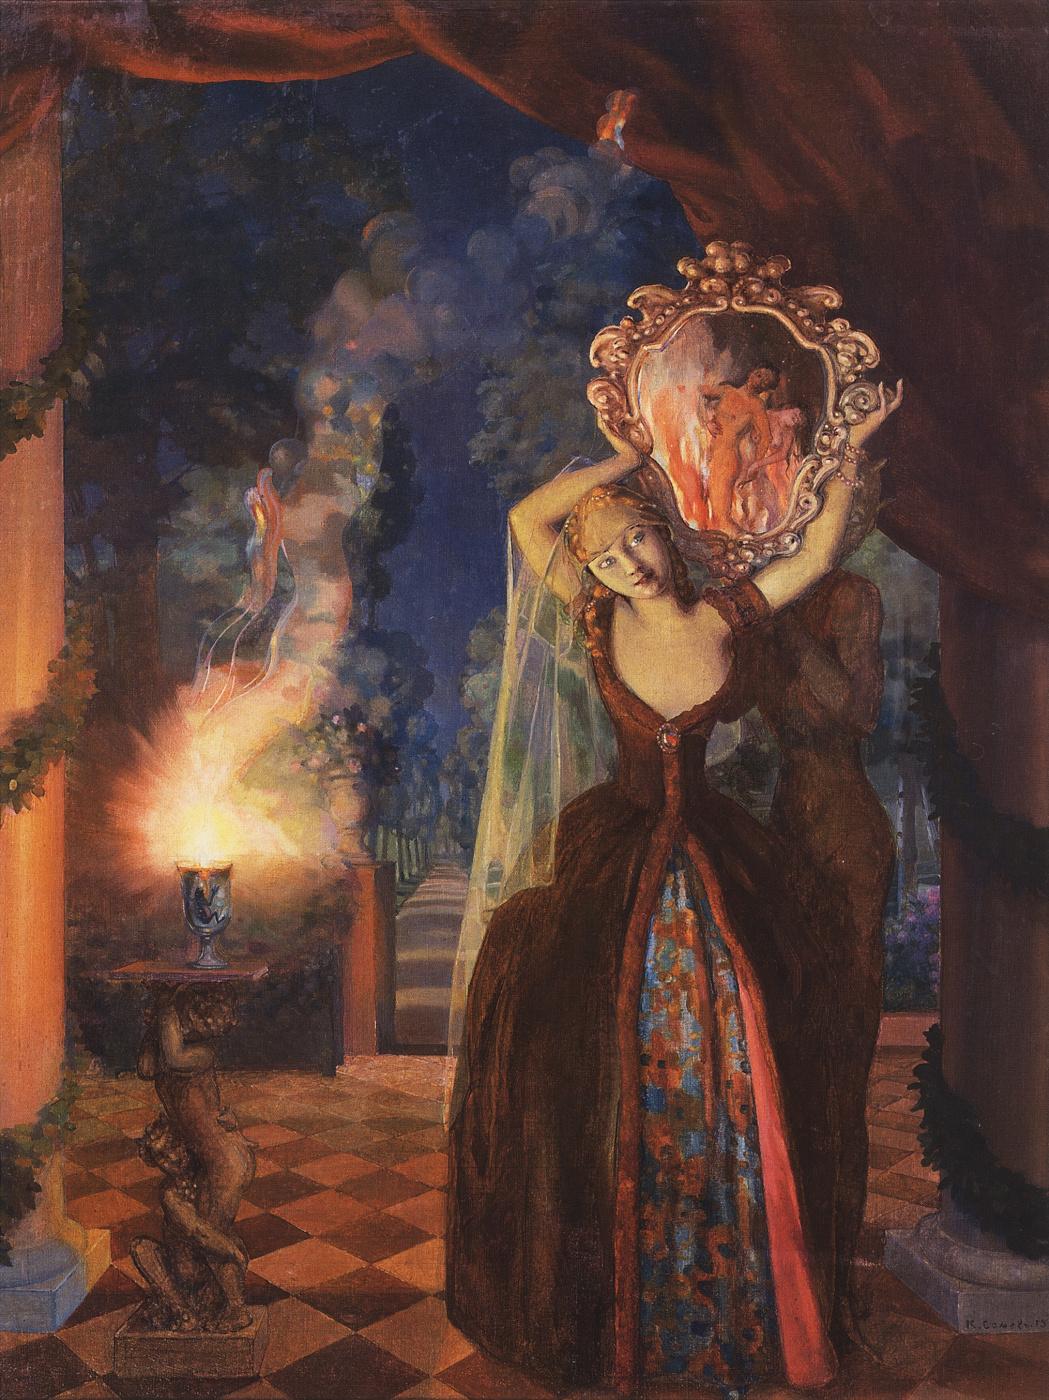 Konstantin Somov. Sorceress